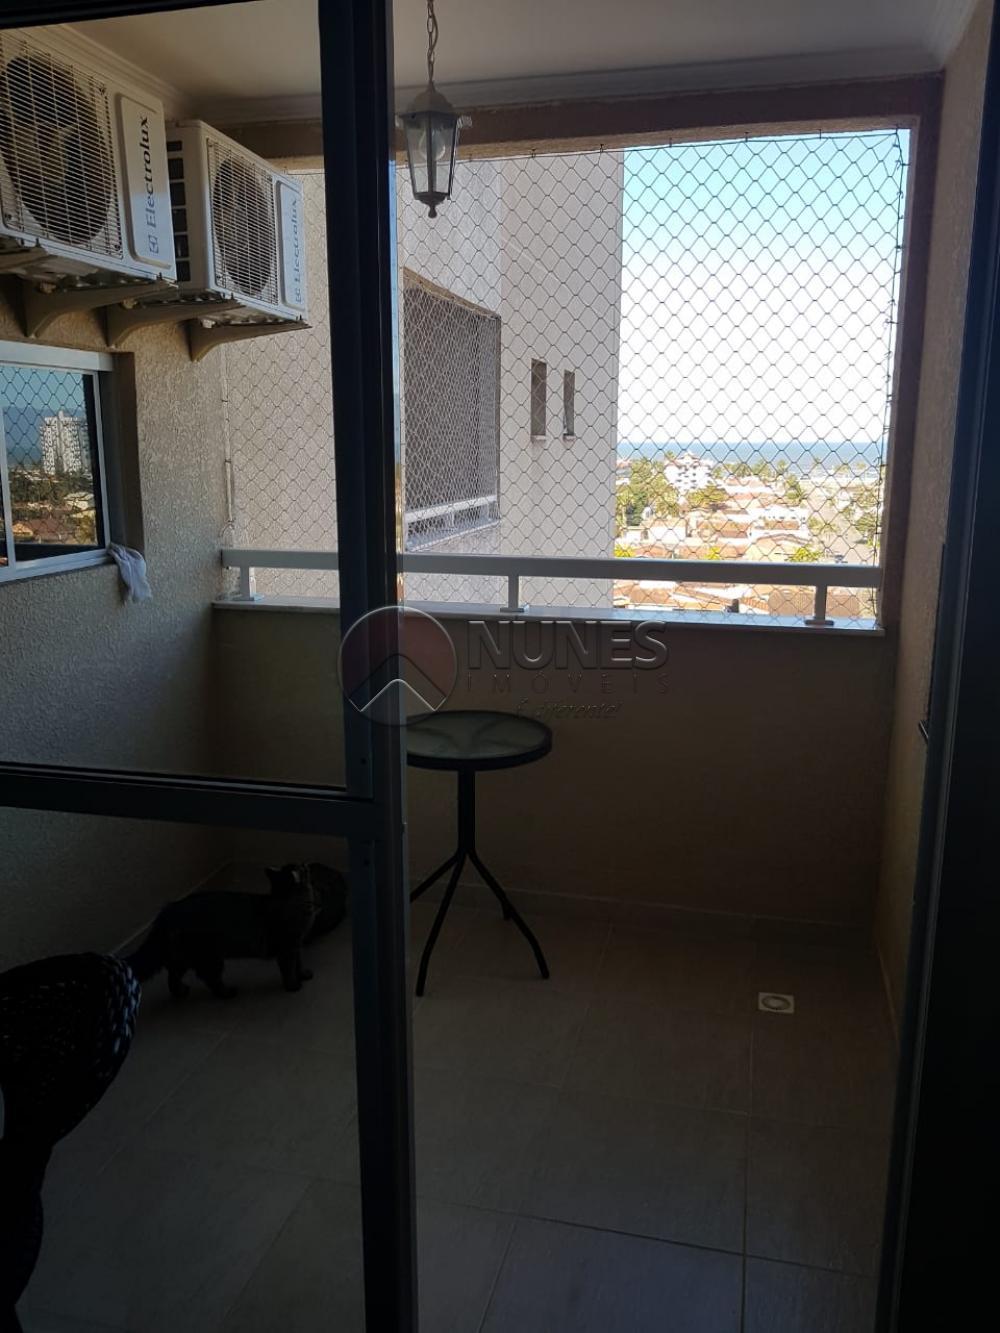 Comprar Apartamento / Padrão em Caraguatatuba apenas R$ 350.000,00 - Foto 5